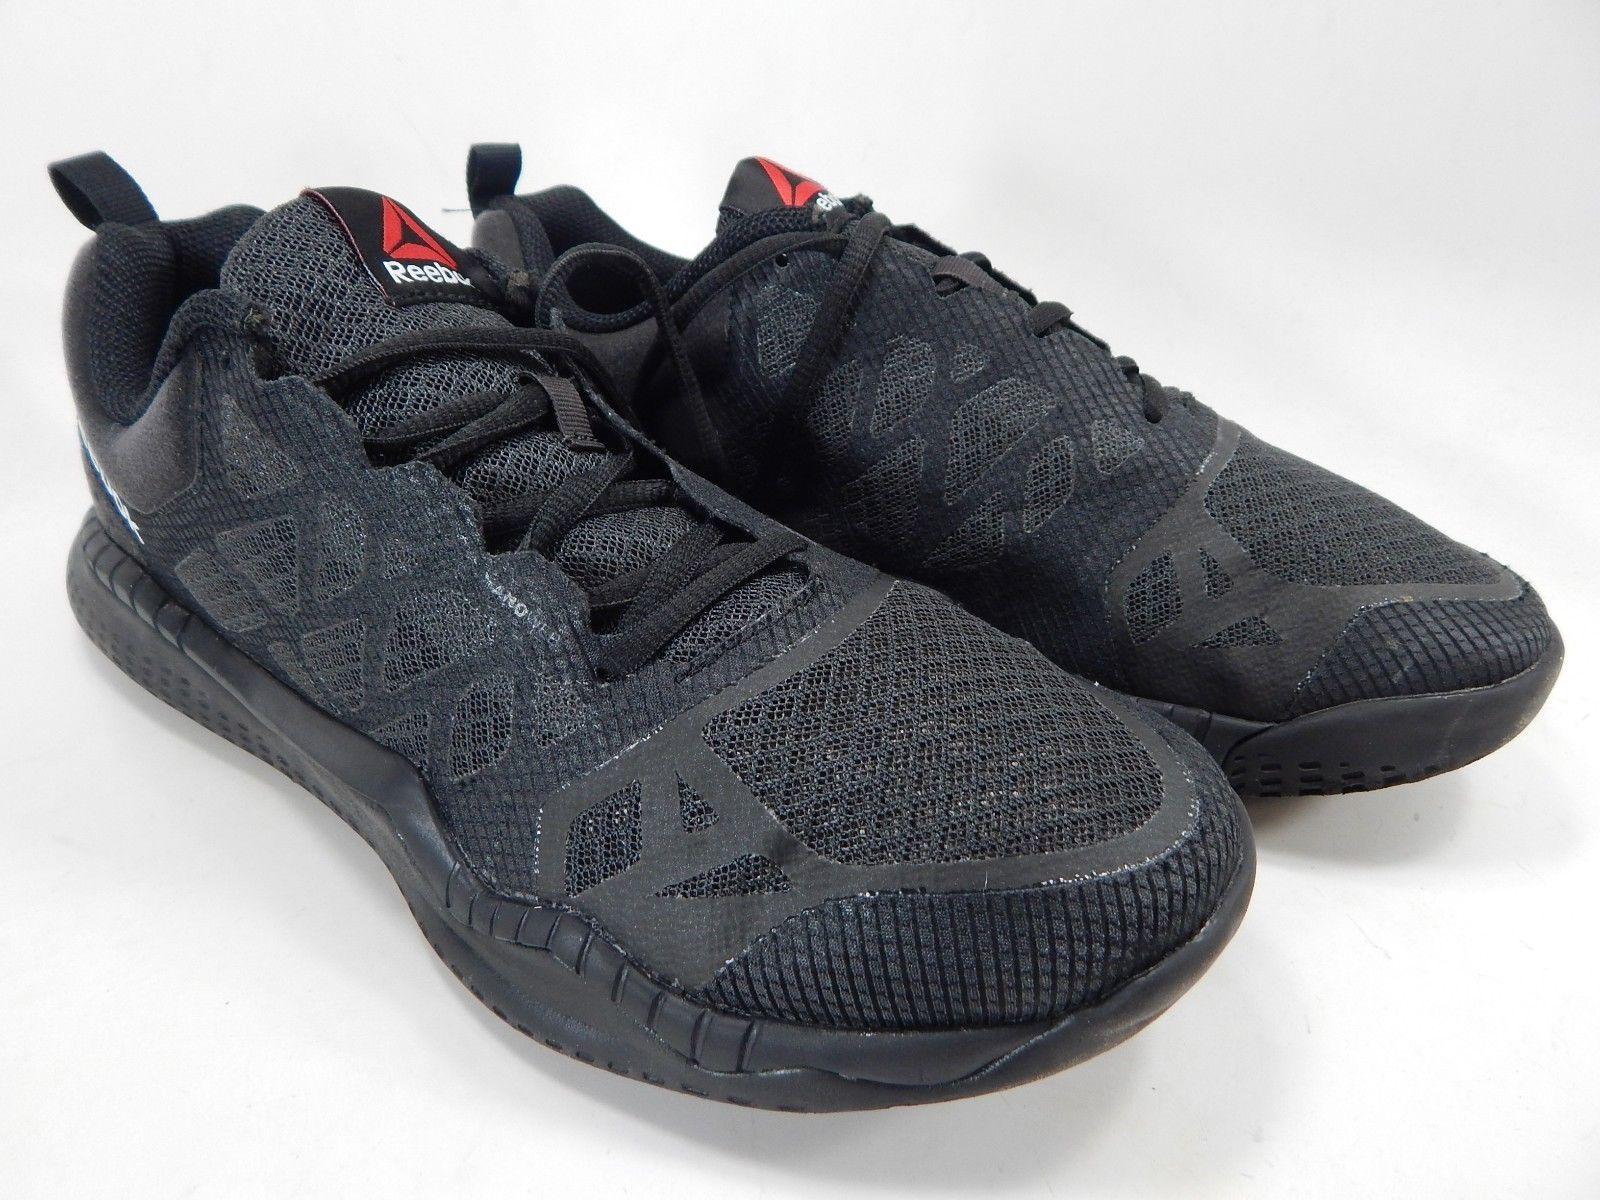 Reebok ZSprint Train Size US 8 M (D) EU 40.5 Men's Running Shoes Black